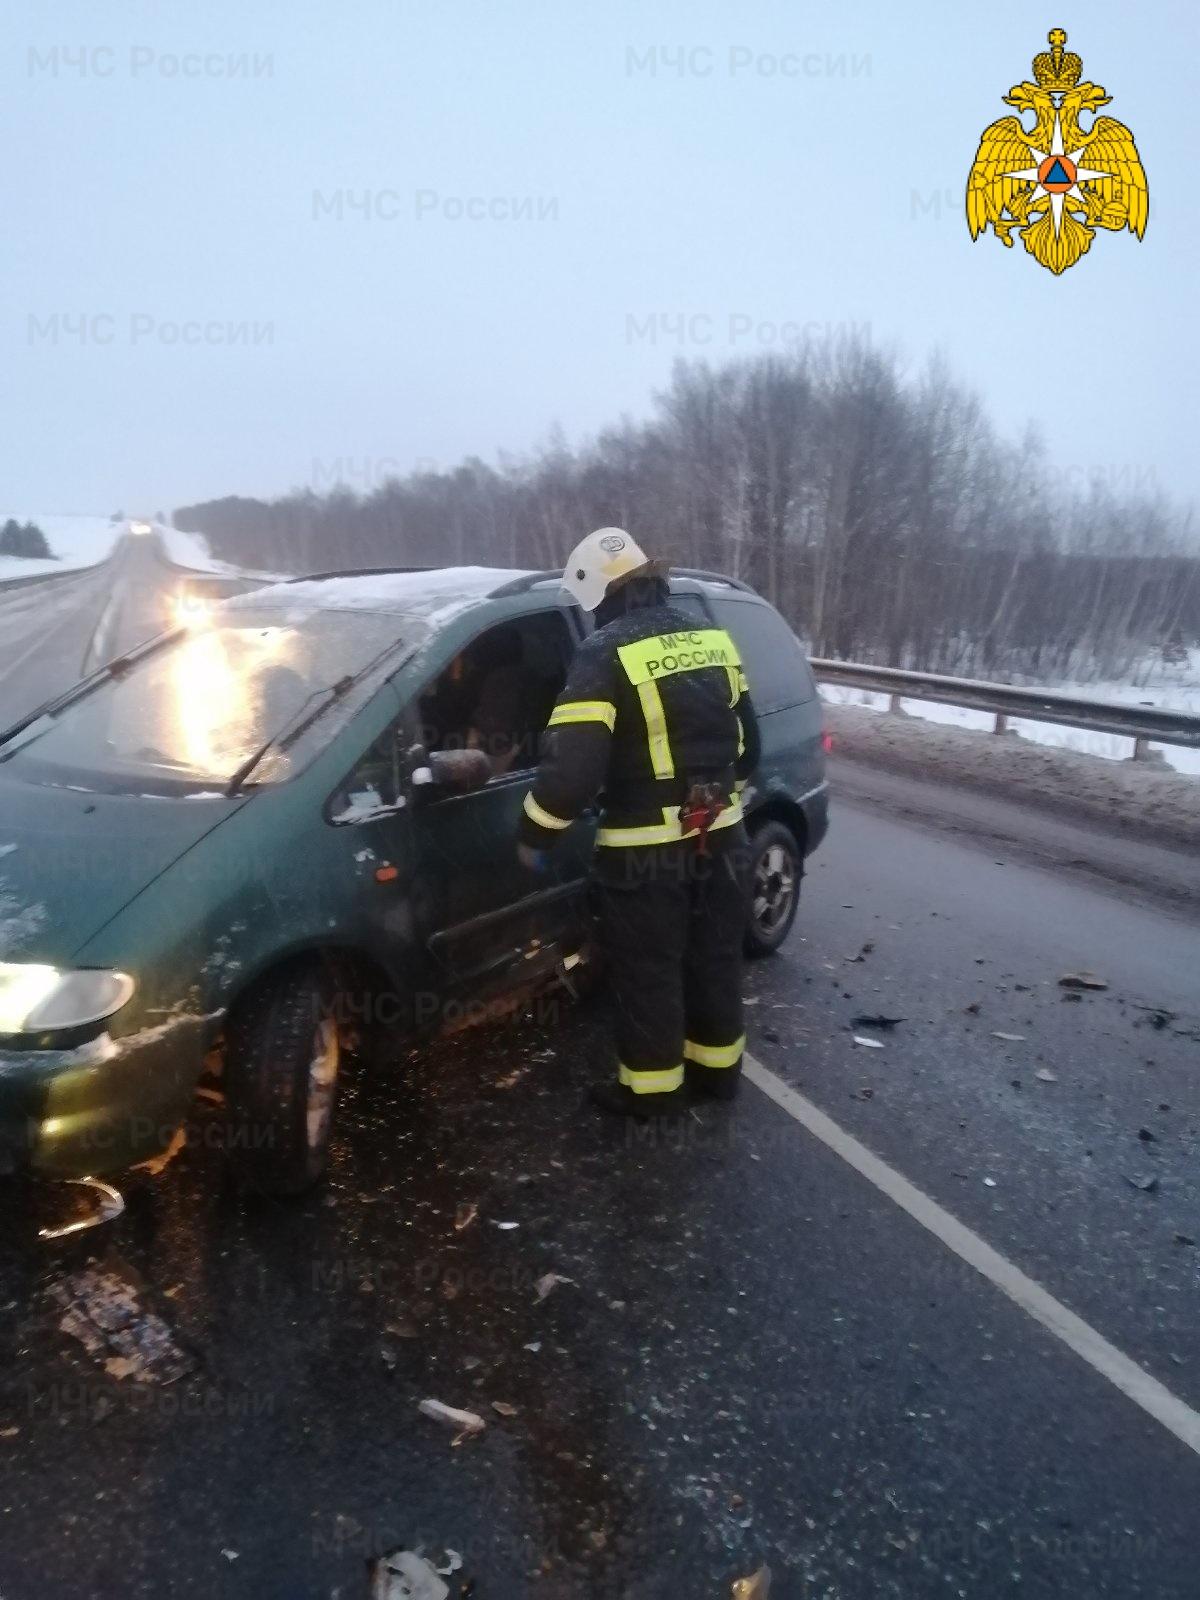 Спасатели МЧС принимали участие в ликвидации ДТП в Бабынинском районе, 203 км автодороги М-3 «Украина»